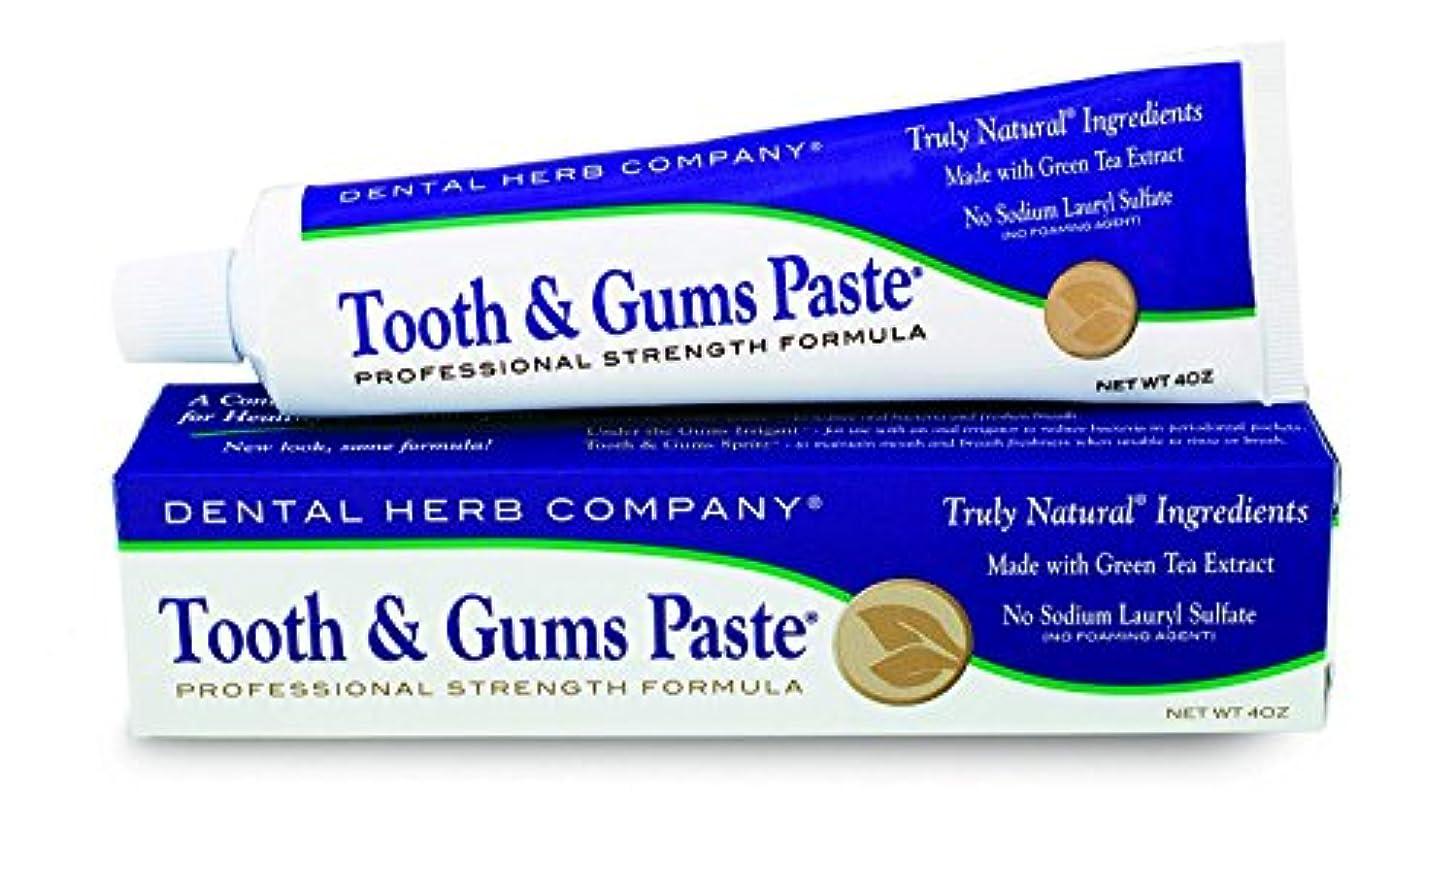 ファントム首尾一貫した時期尚早[Dental Herb Company] [DHC-TGP Tooth & Gums Paste Value 3-Pack] (並行輸入品)